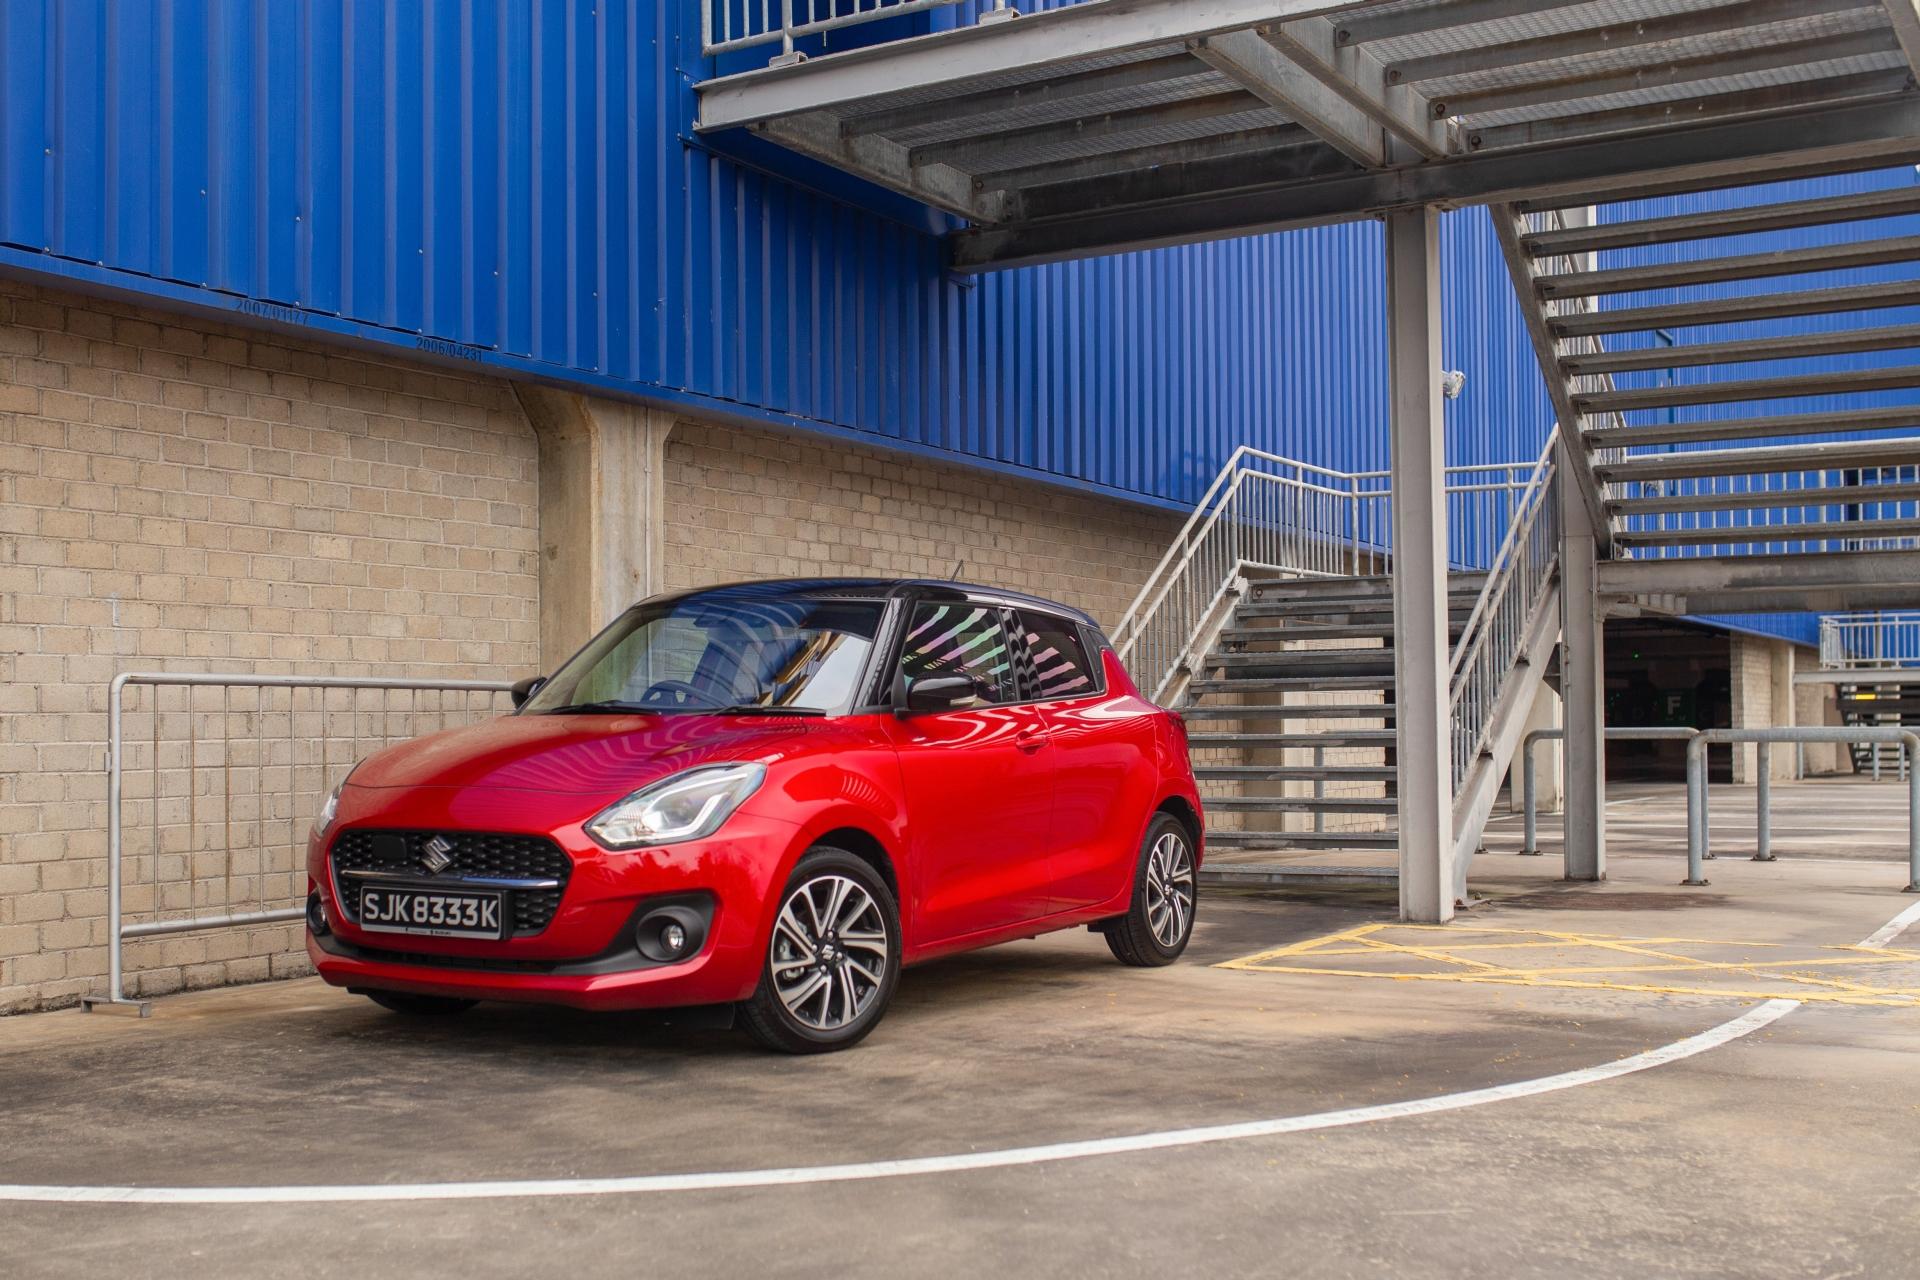 2021 Suzuki Swift Mild Hybrid review: Toys and joys